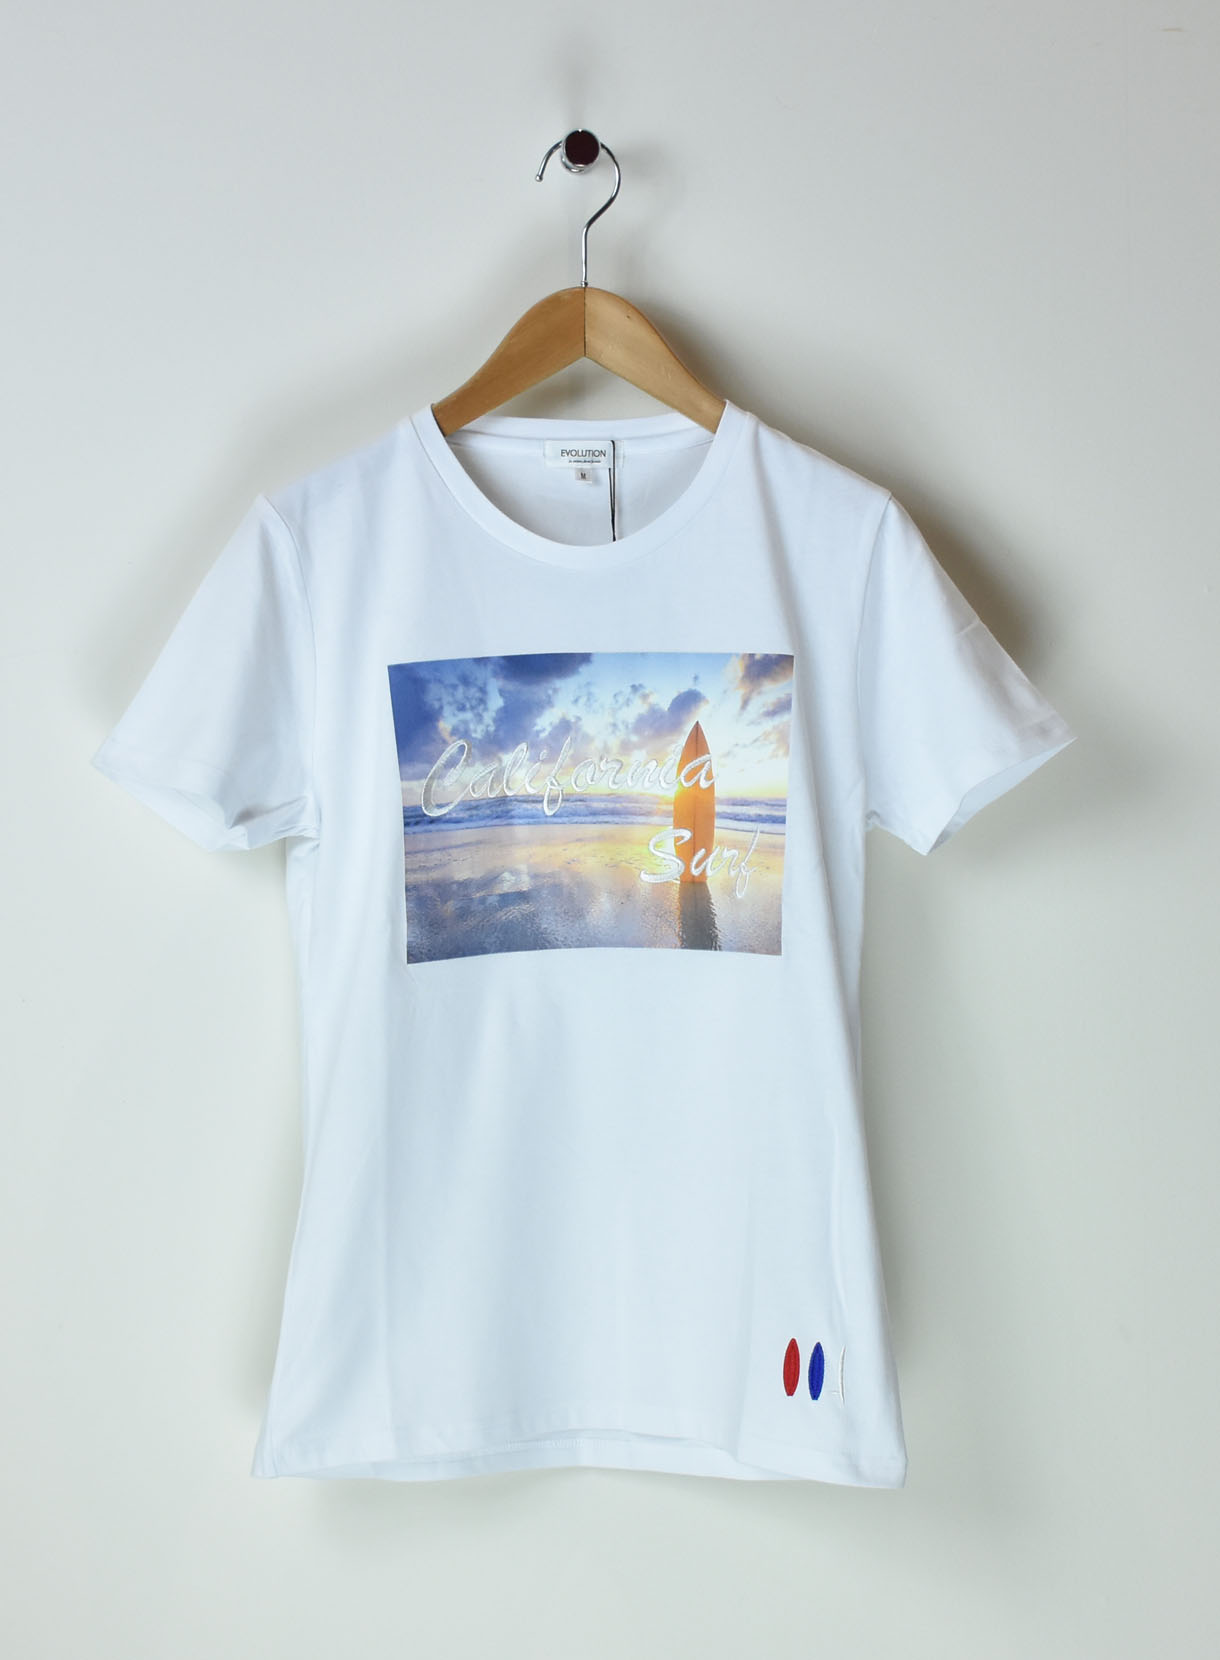 サンセット刺繍Tシャツ